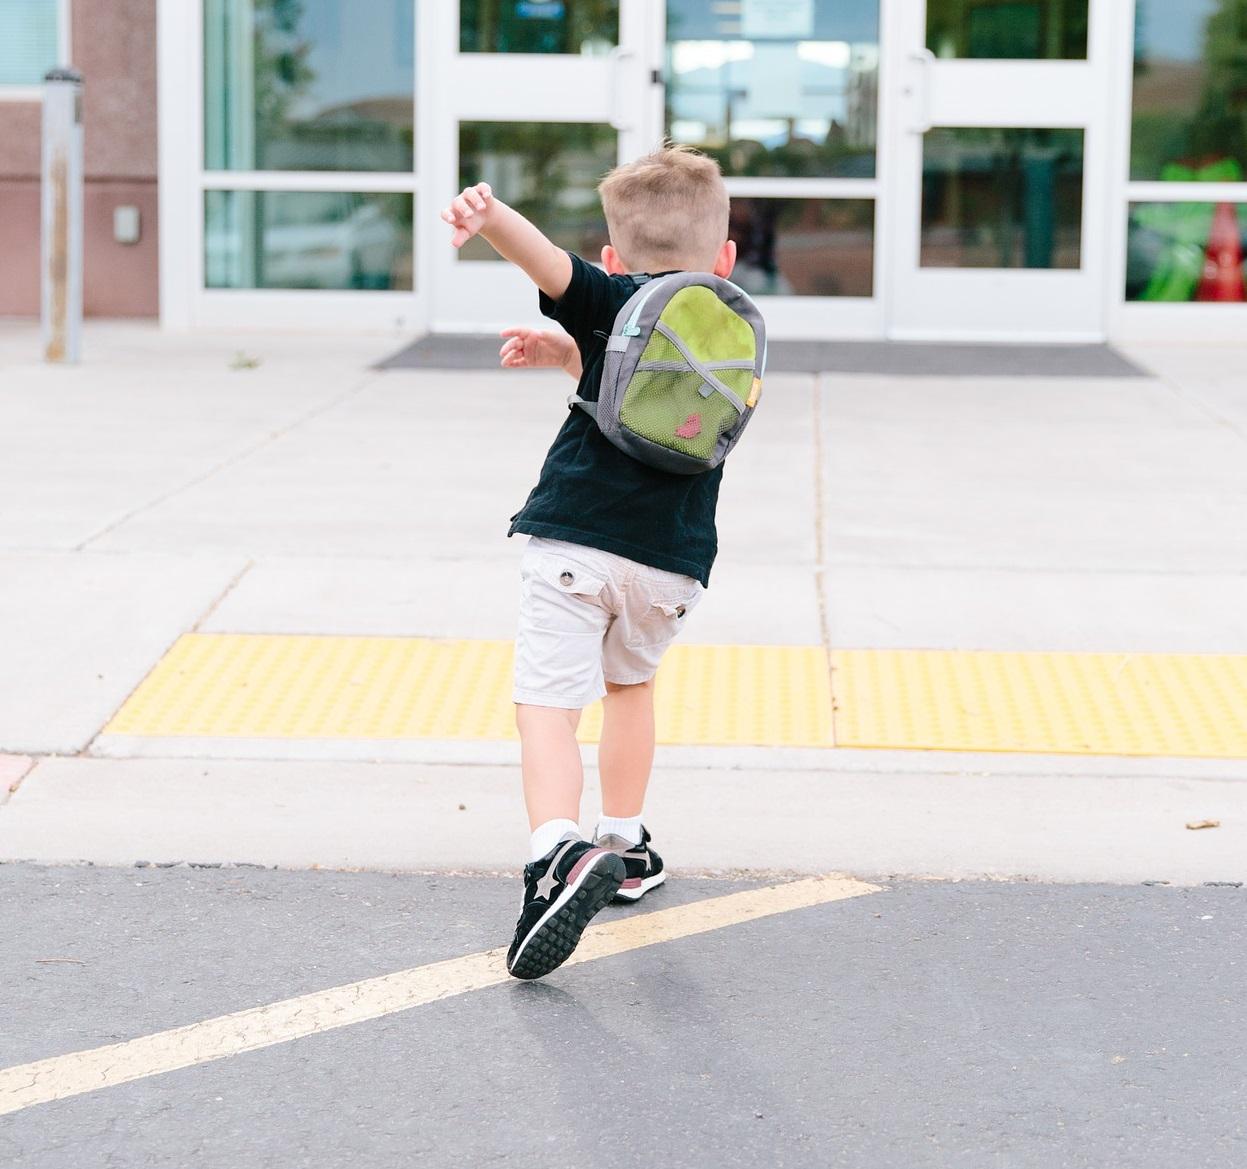 Bimbo entra a scuola